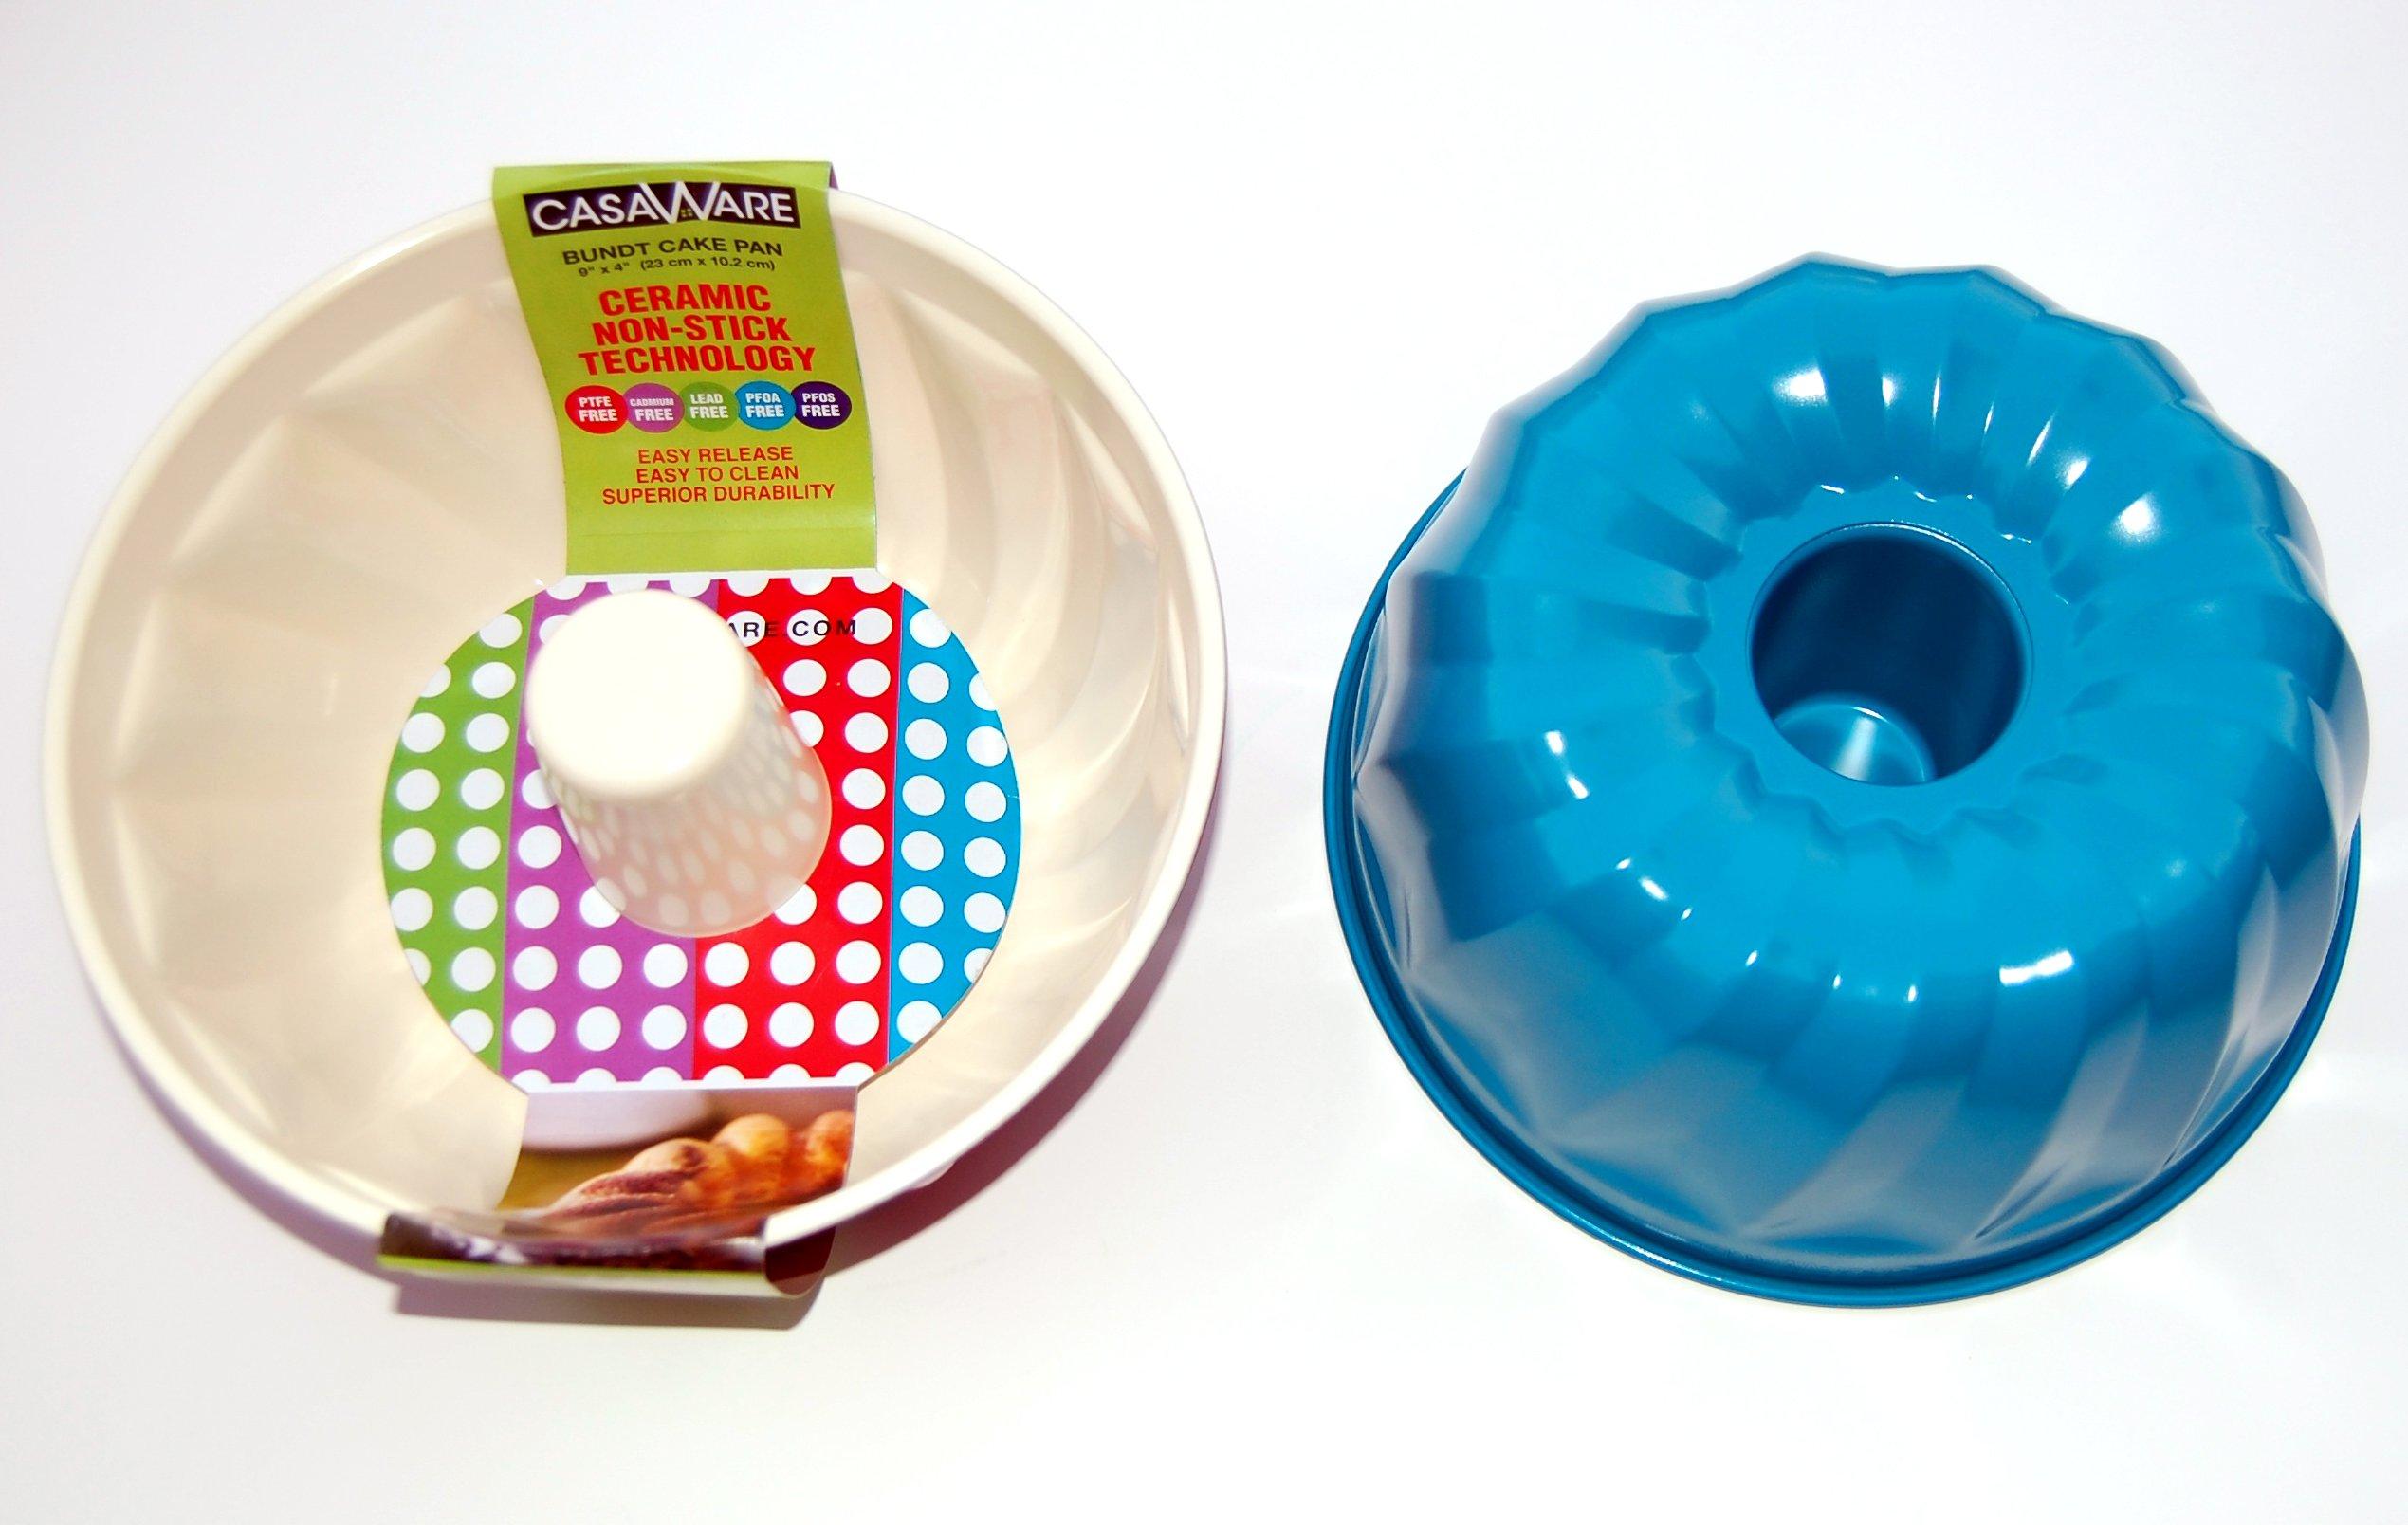 casaWare Ceramic Coated NonStick 9-Inch Fluted Cake Pan (Cream/Blue)